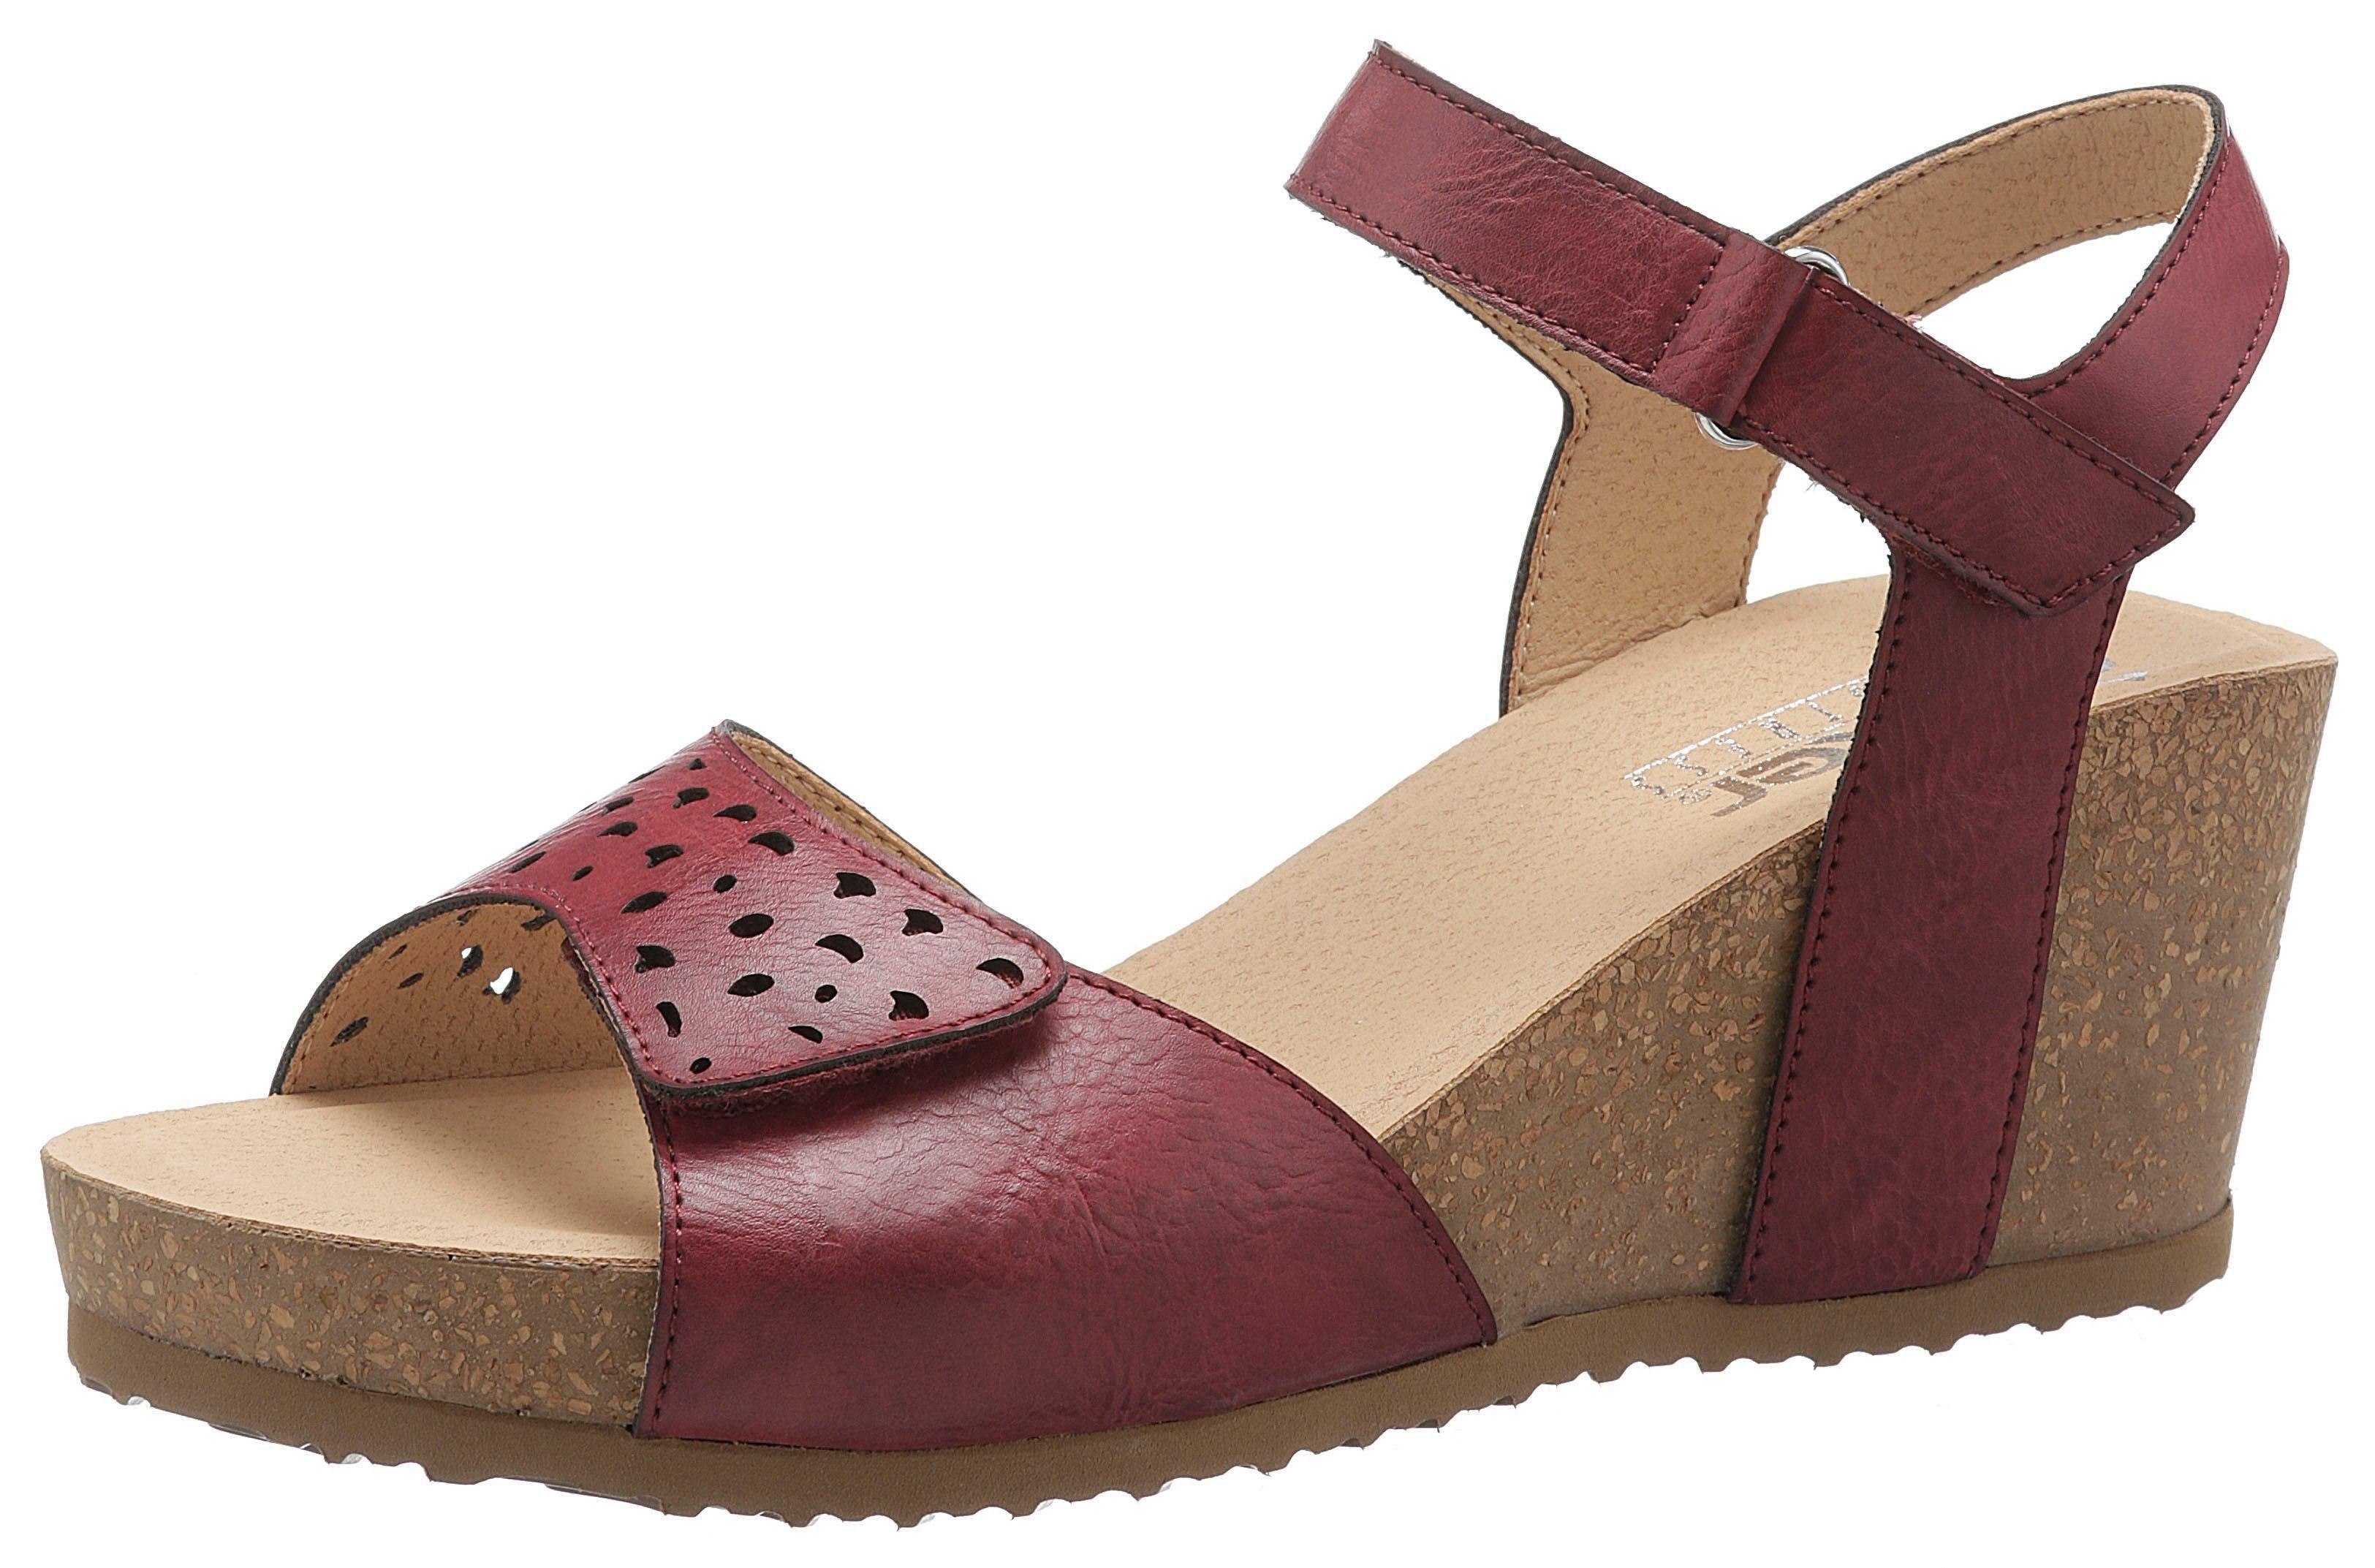 Rieker Sandalette mit Klettverschlüsse, In sommerlicher Optik online kaufen | OTTO